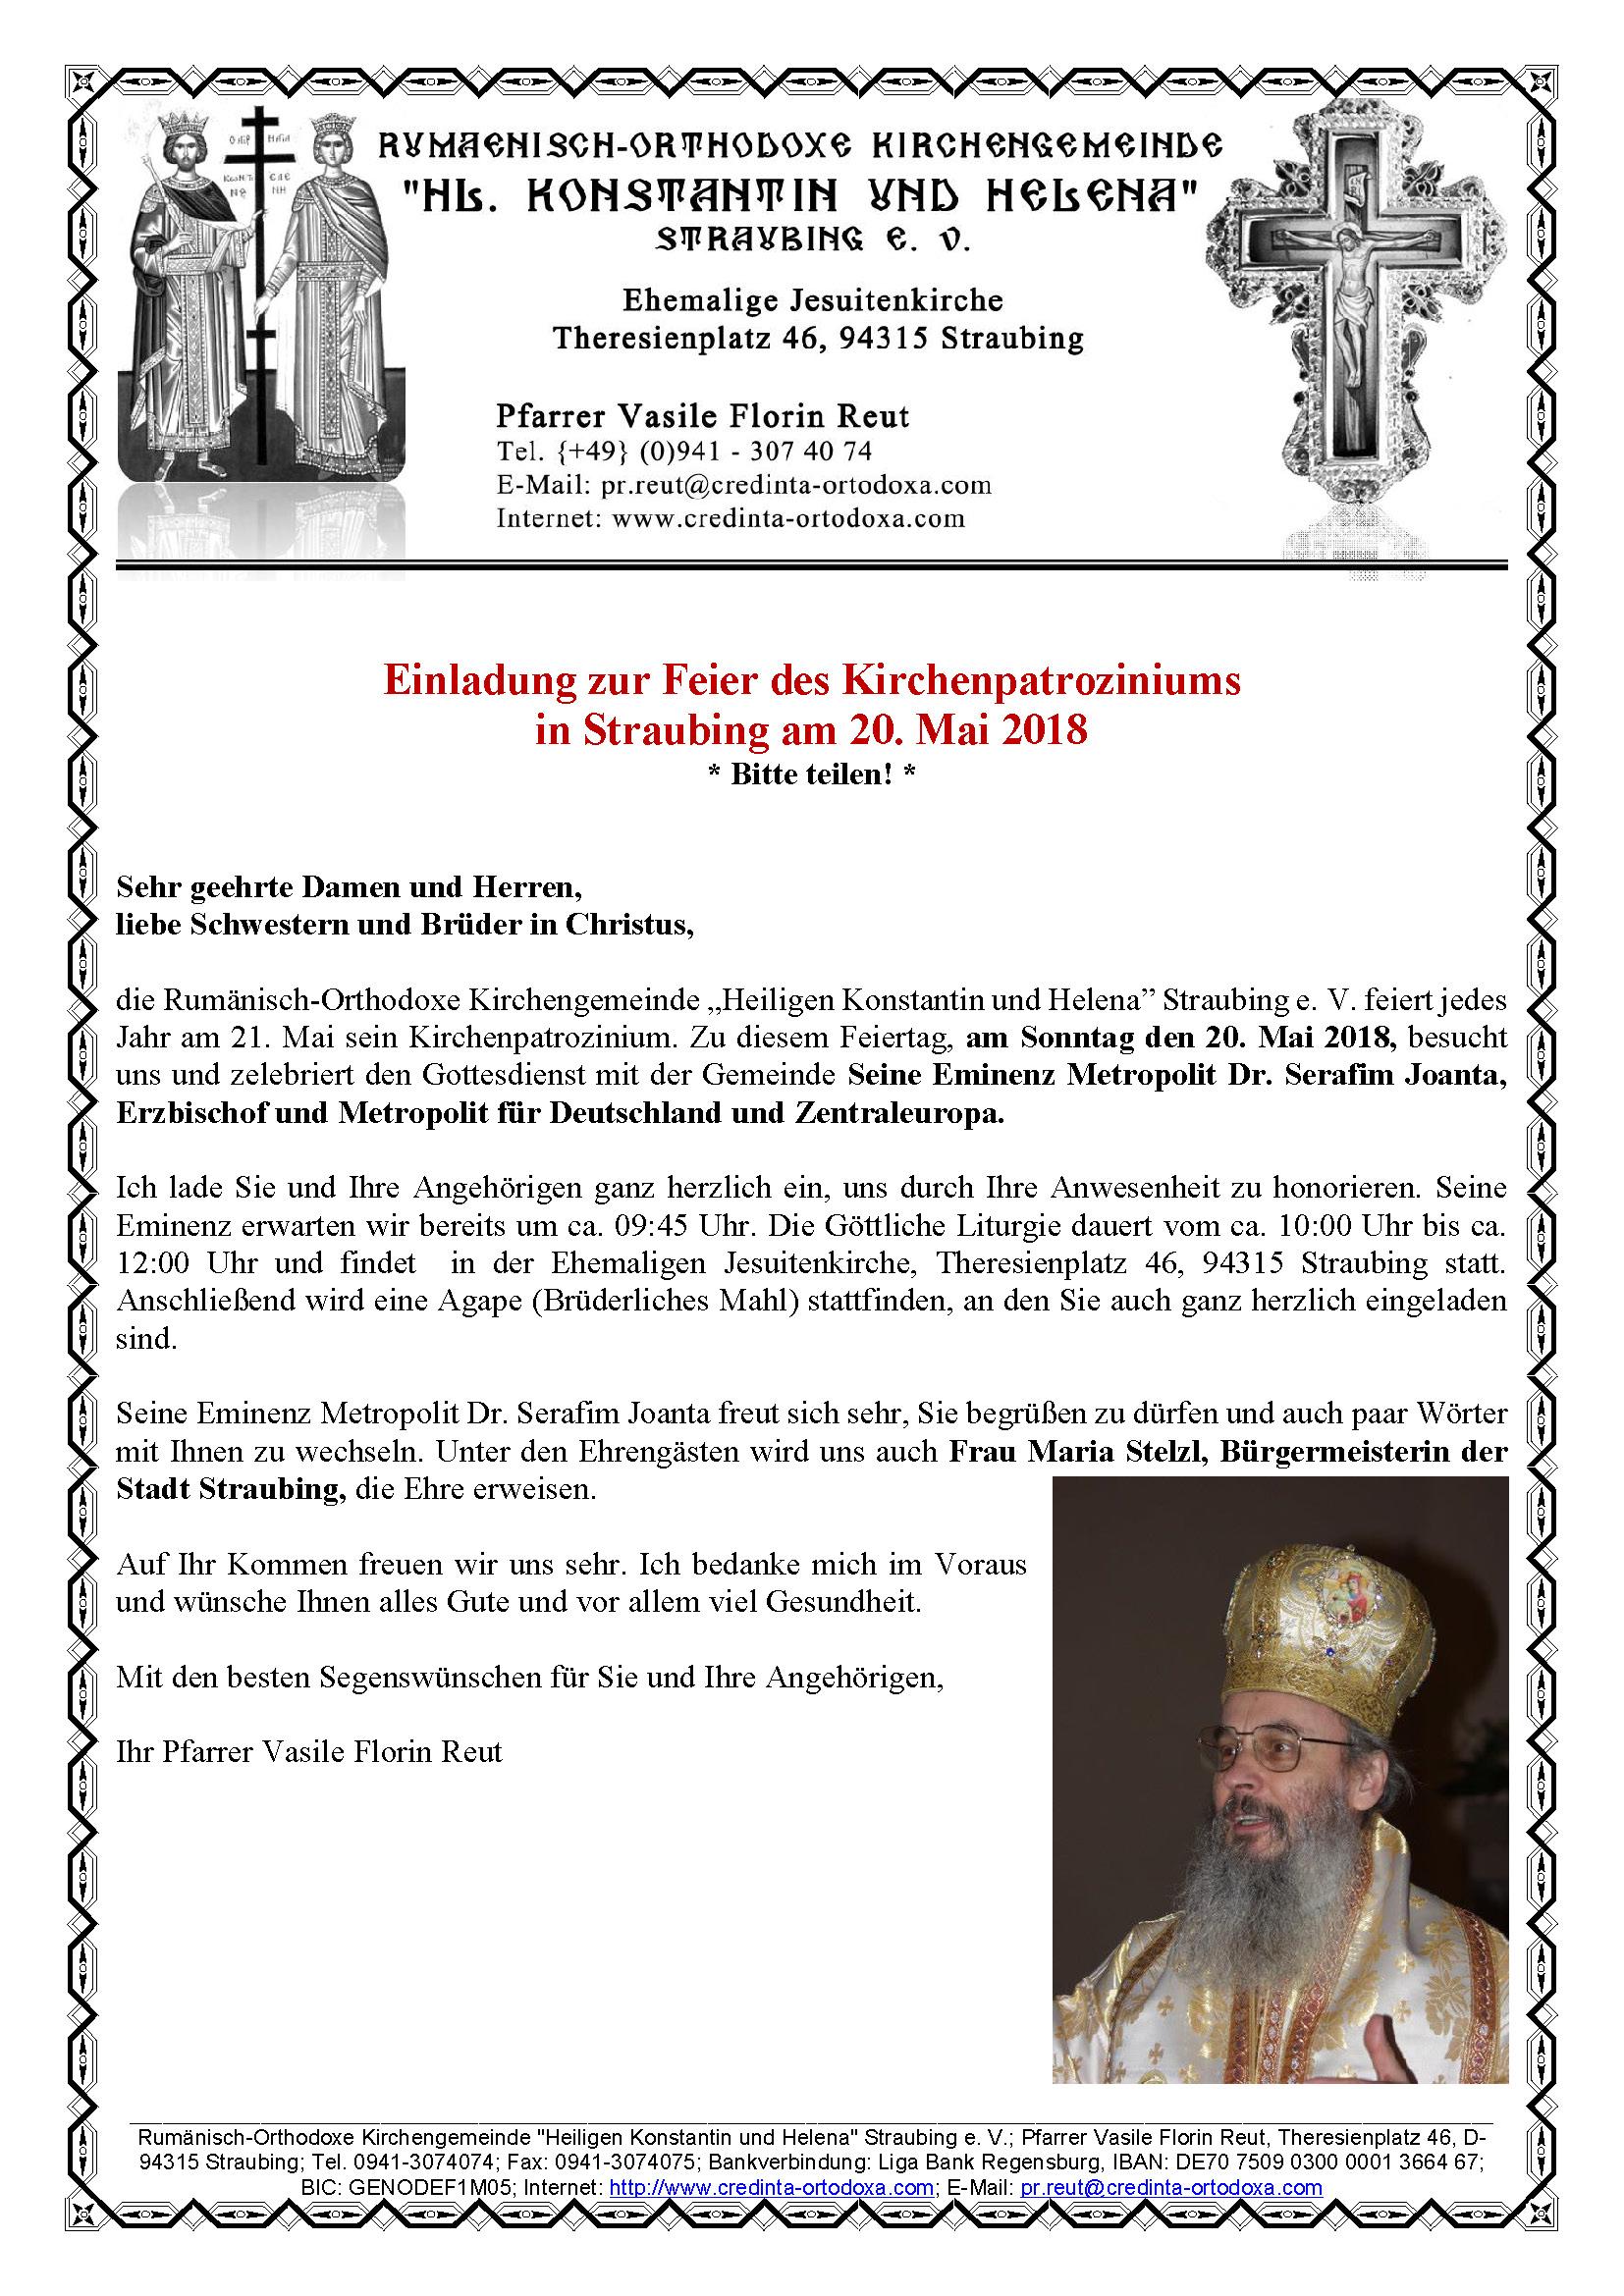 Einladung zur Feier des Kirchenpatroziniums in Straubing am 20. Mai 2018